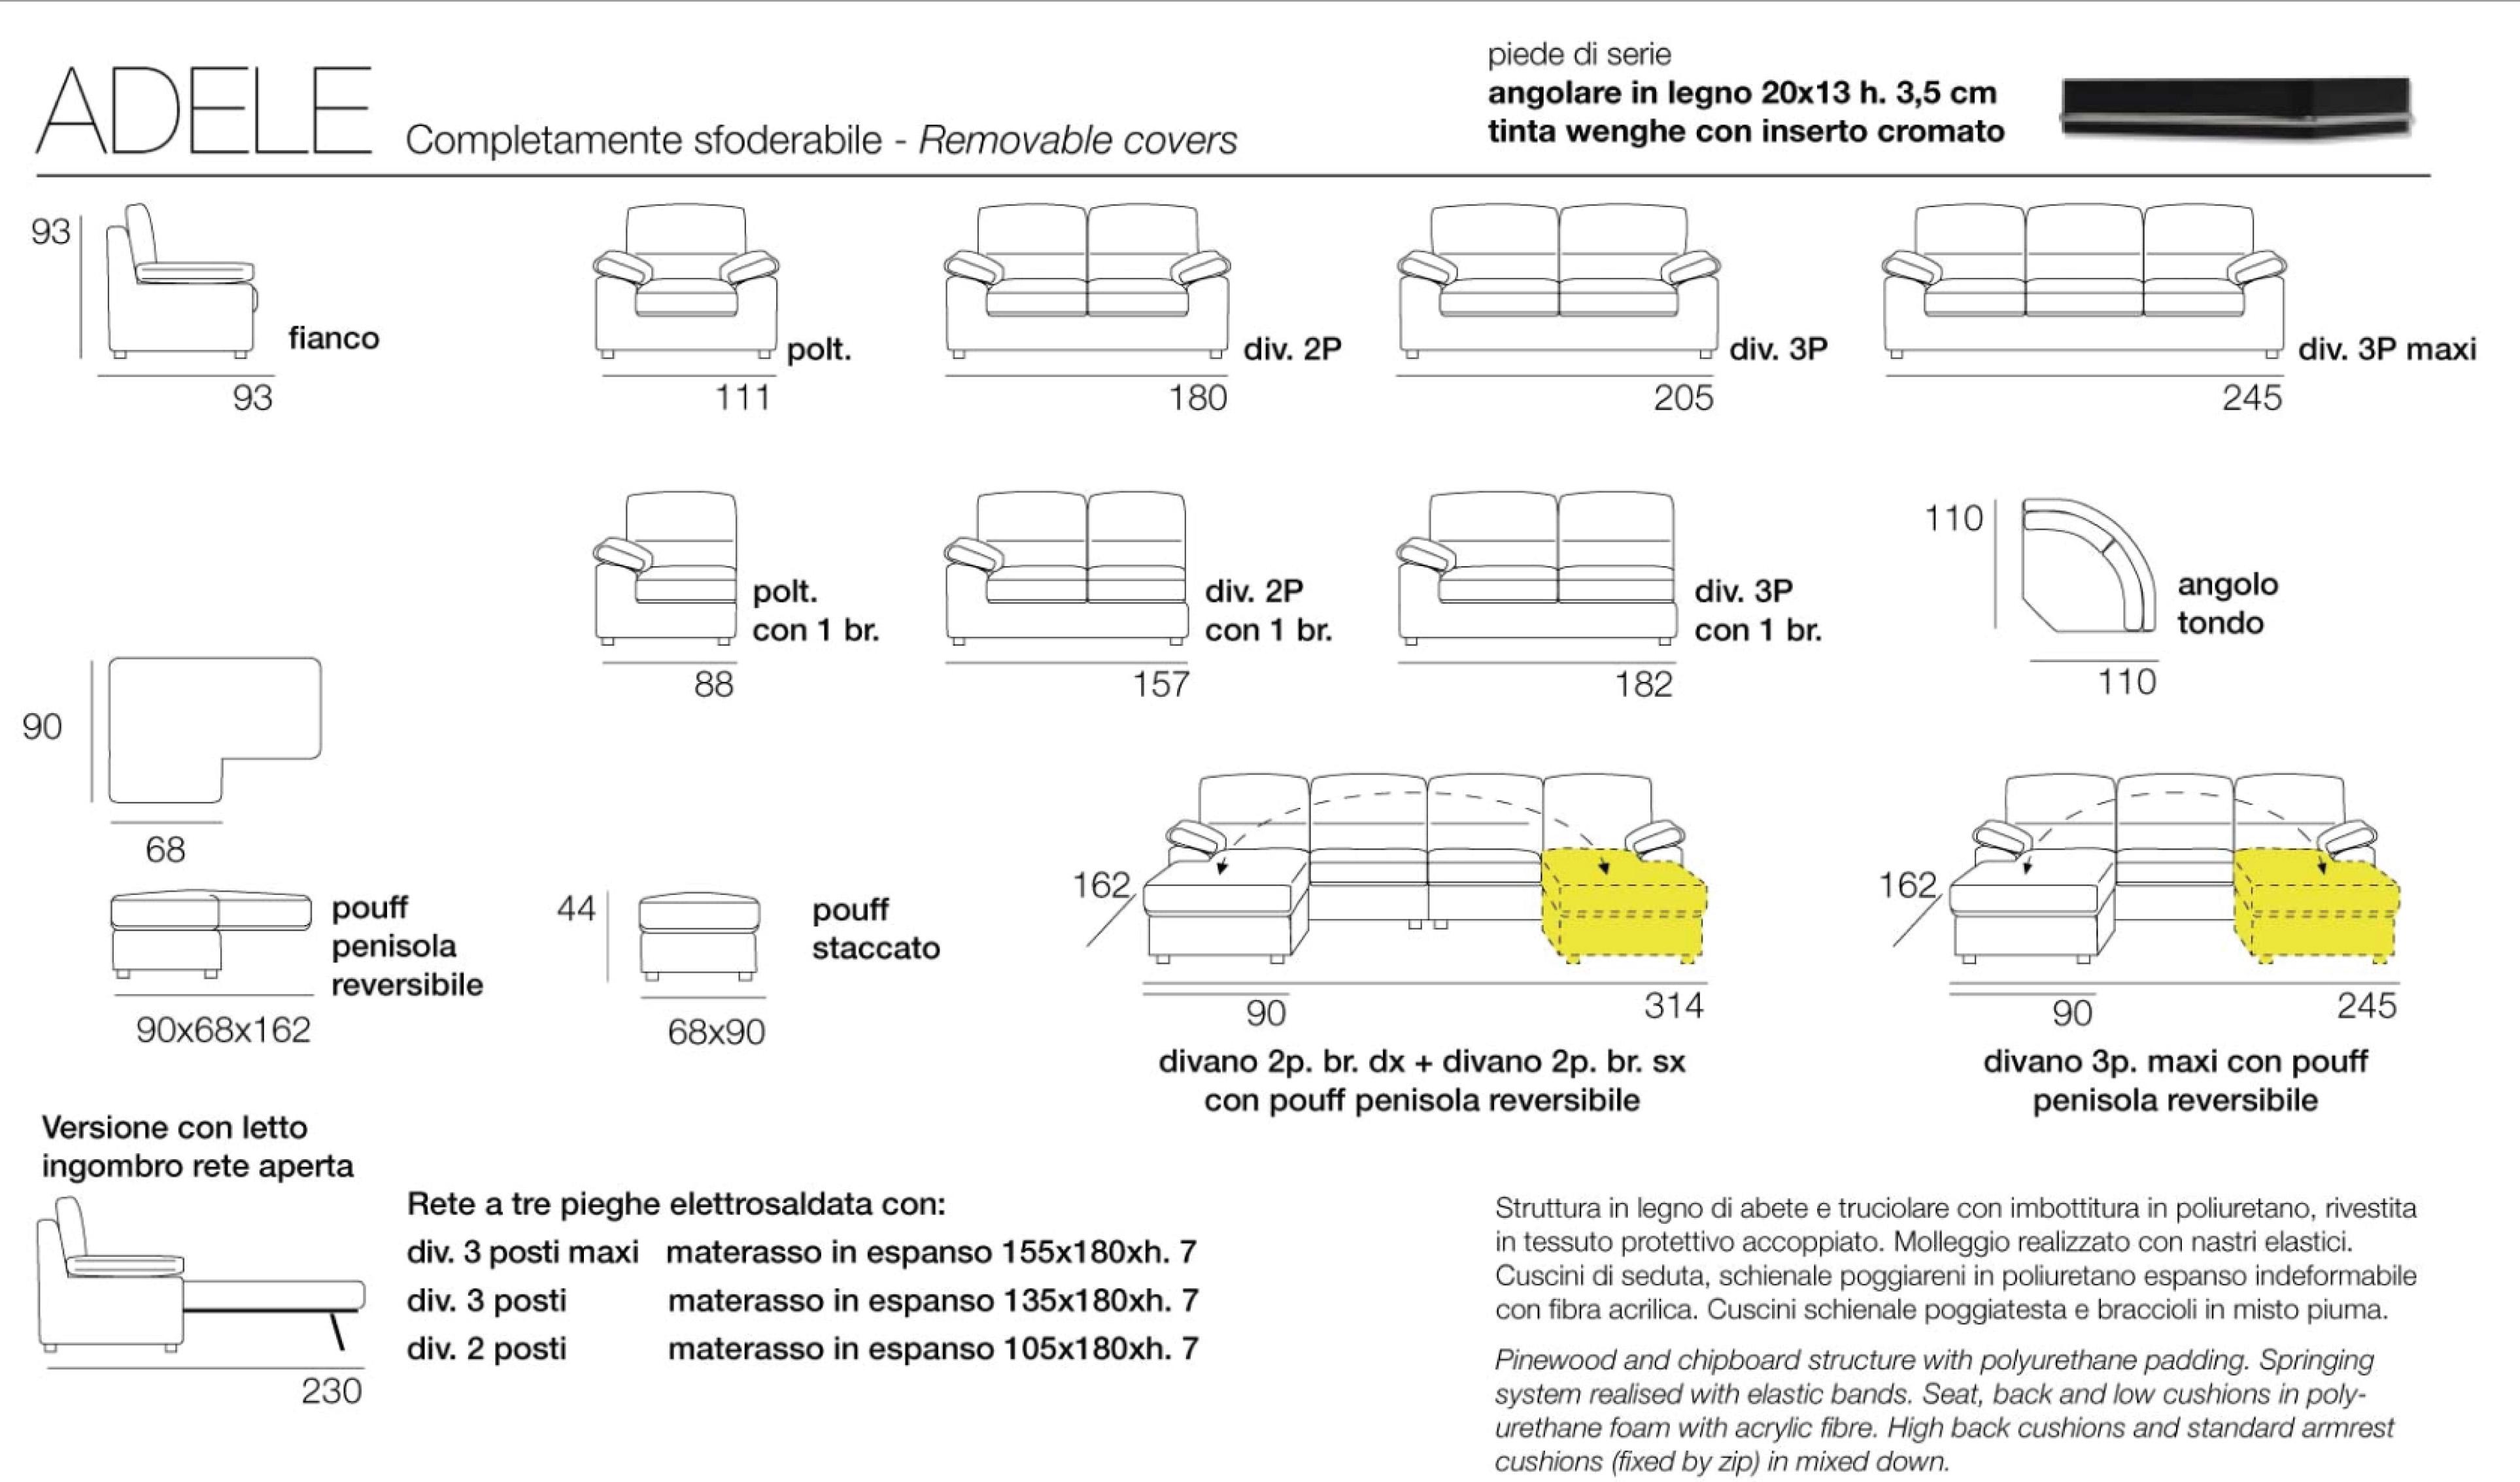 Divano con penisola reversibile adele divani a prezzi for Misure divani con penisola